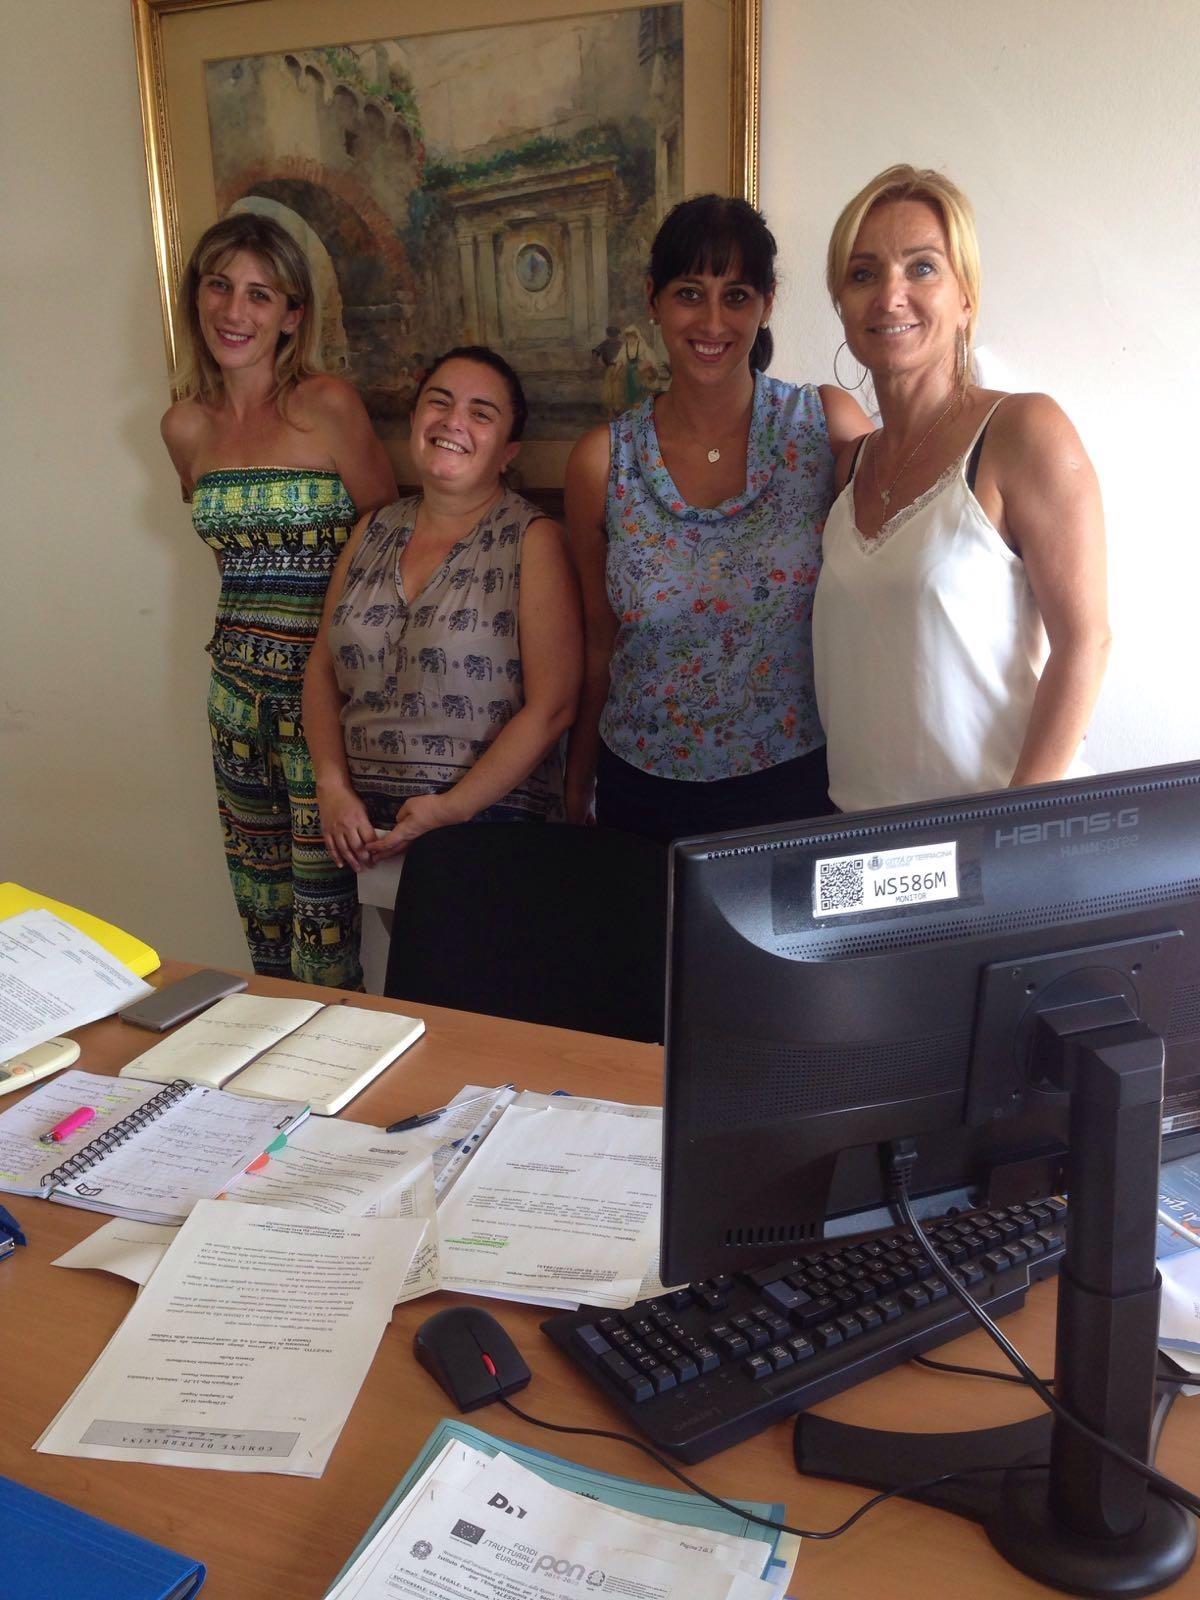 Barbara Longarini, Barbara Percoco, Anna Palumbo e l'Assessore Emanuela Zappone. Anxur time